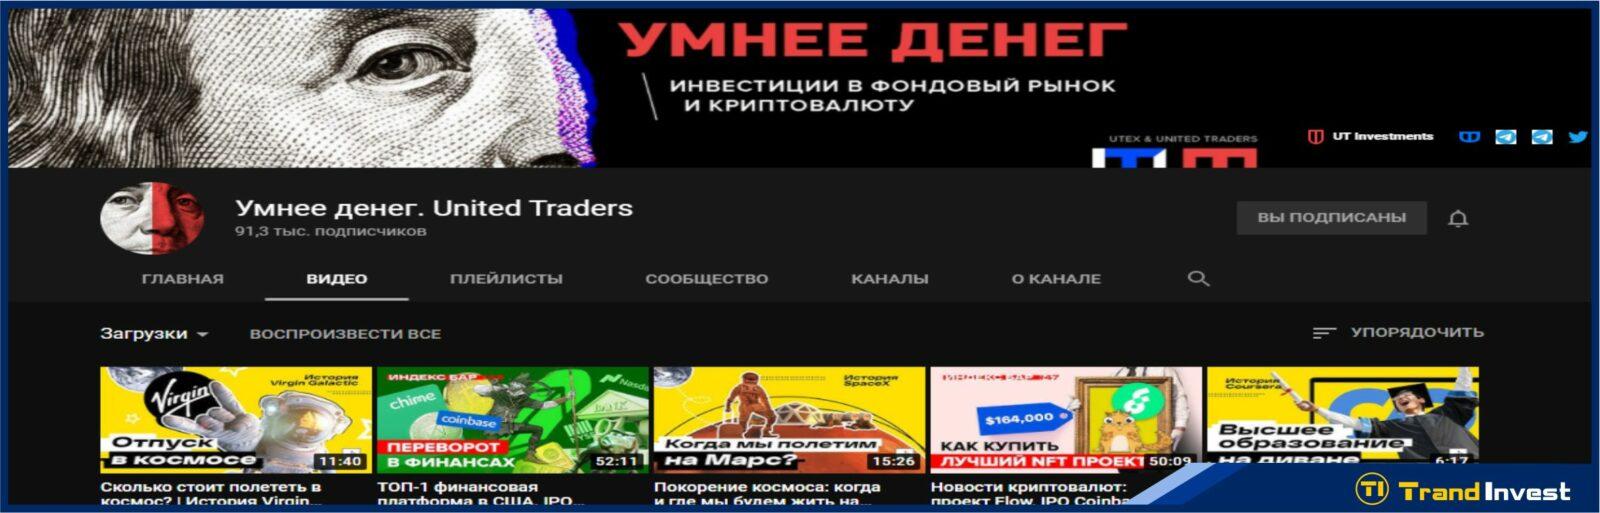 United Traders обучение